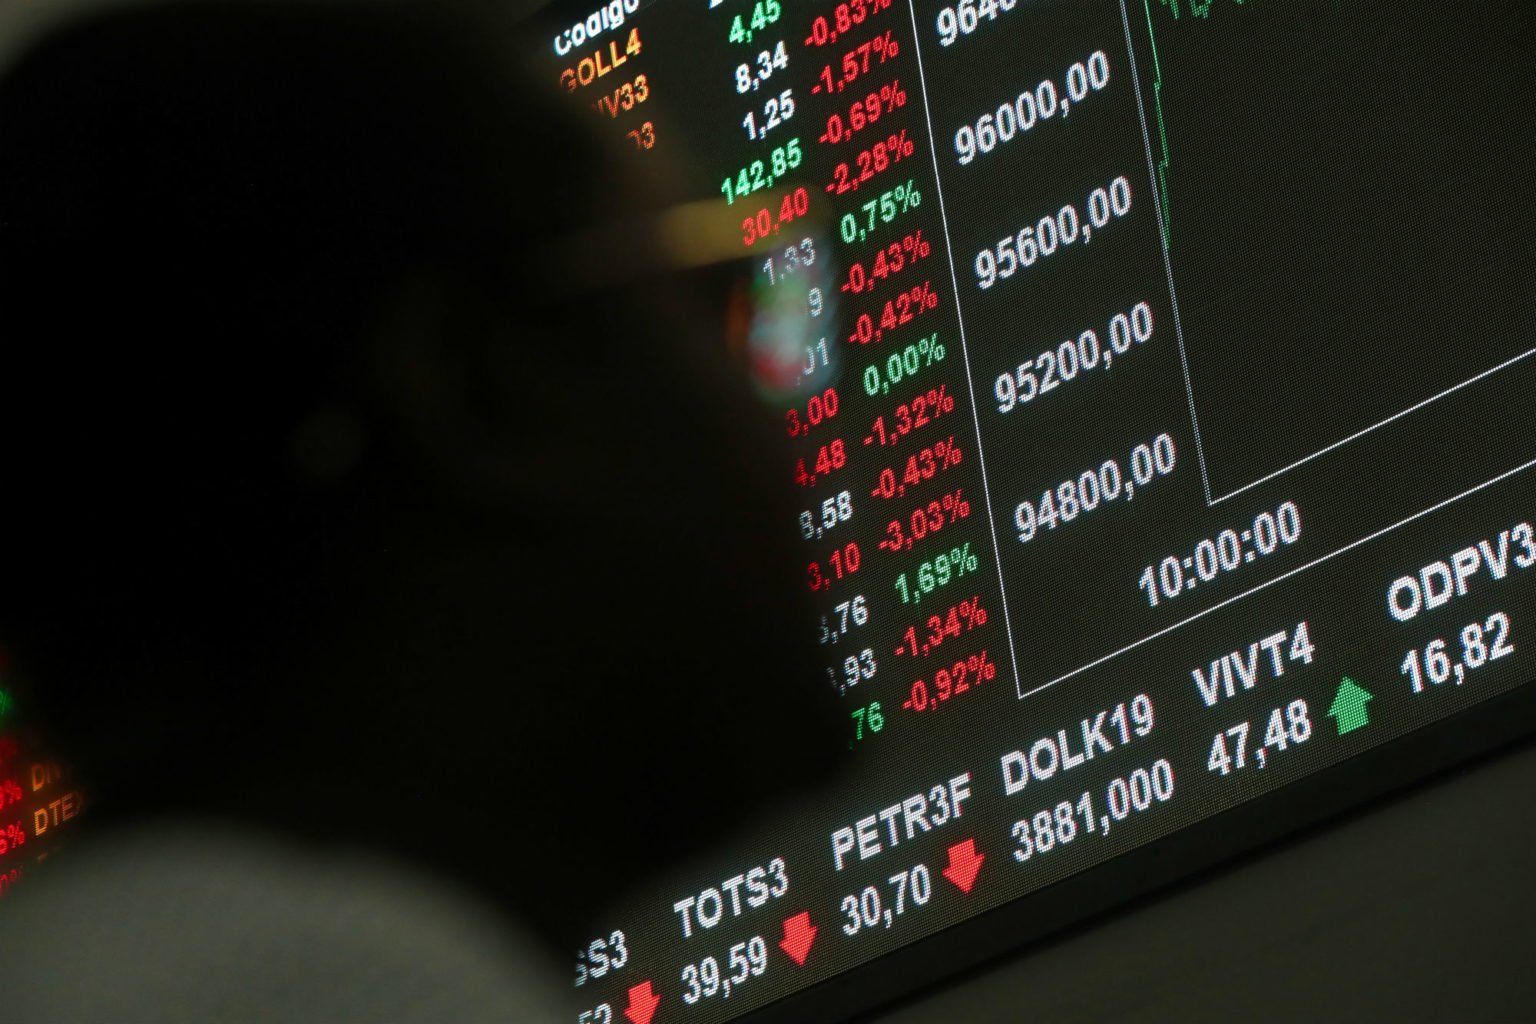 irb brasil -companhia registra o pior resultado no ibovespa em 2020